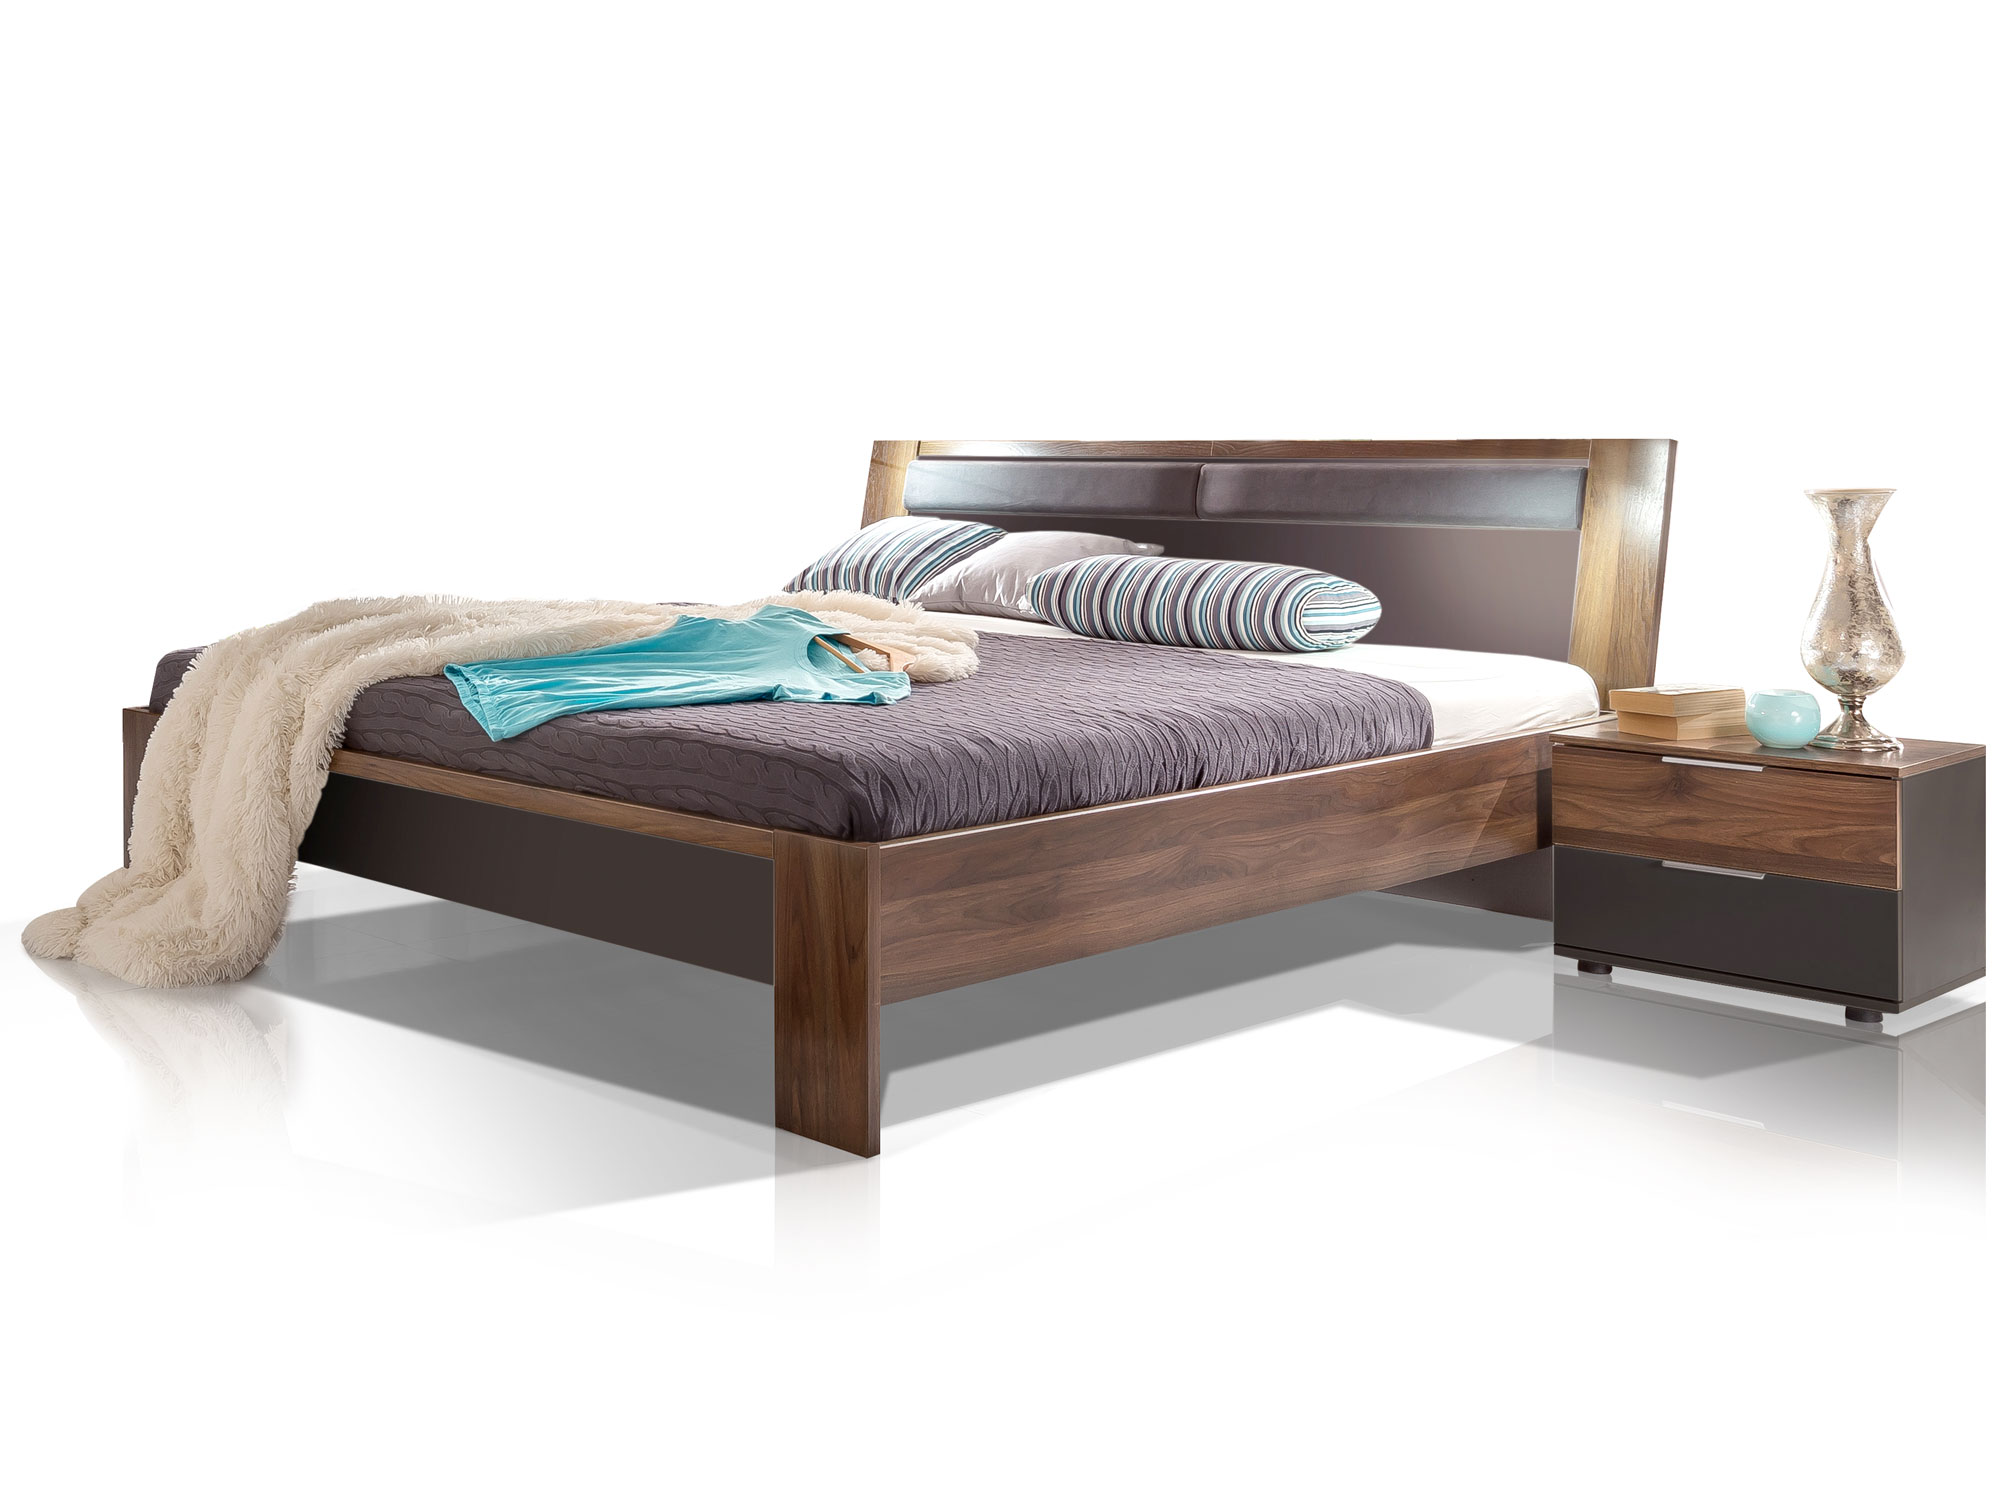 Famous futonbett 180 x 200 cm lavagrau nussbaum - Futonbett nussbaum ...